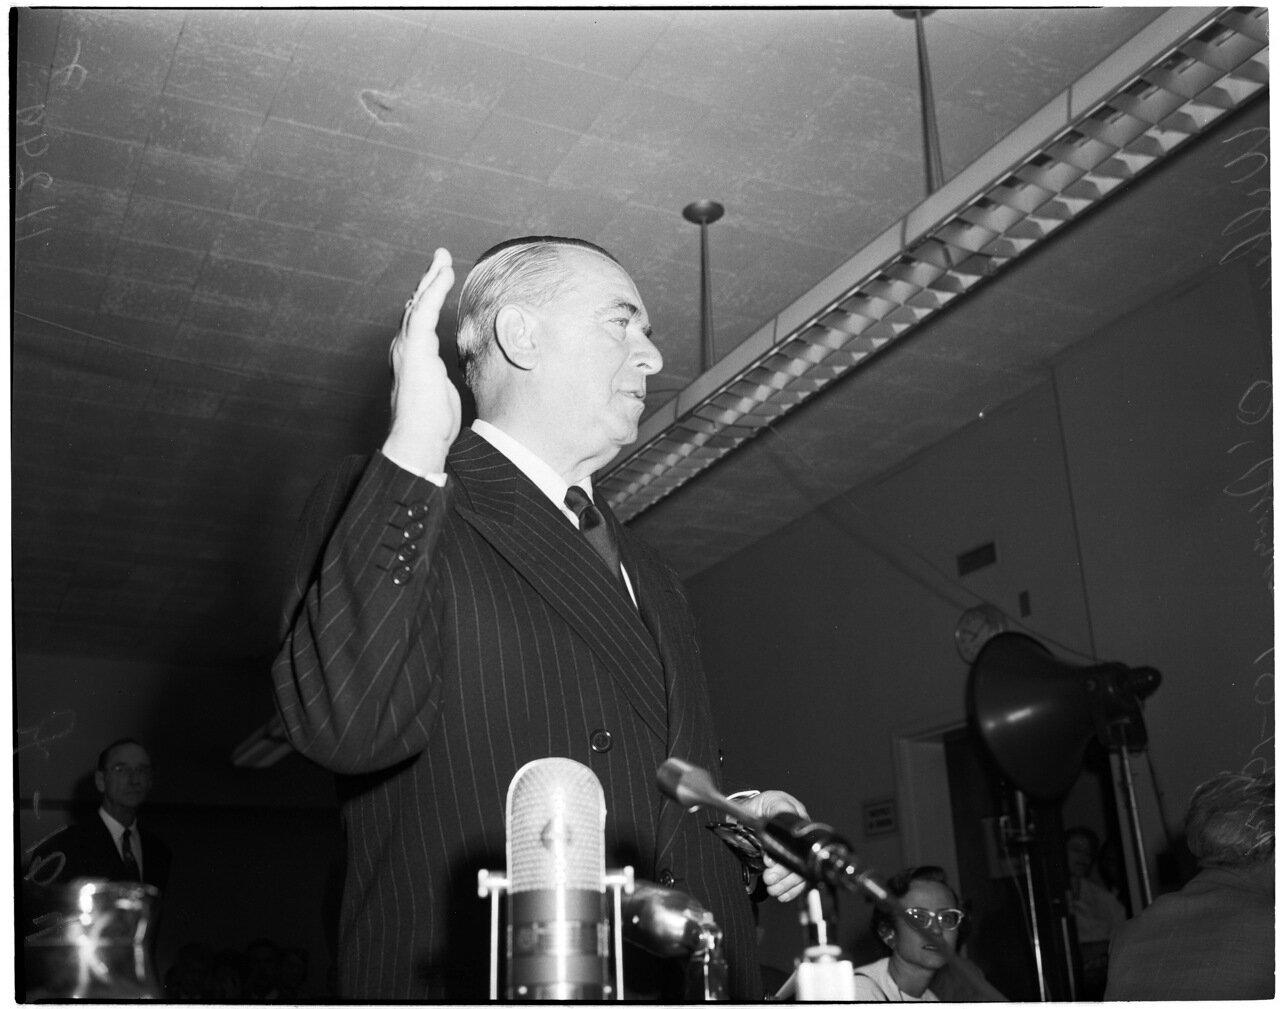 1954. 14 октября. Комиссия по расследованию антиамериканской деятельности. Дональд Джексон (1-ый свидетель)